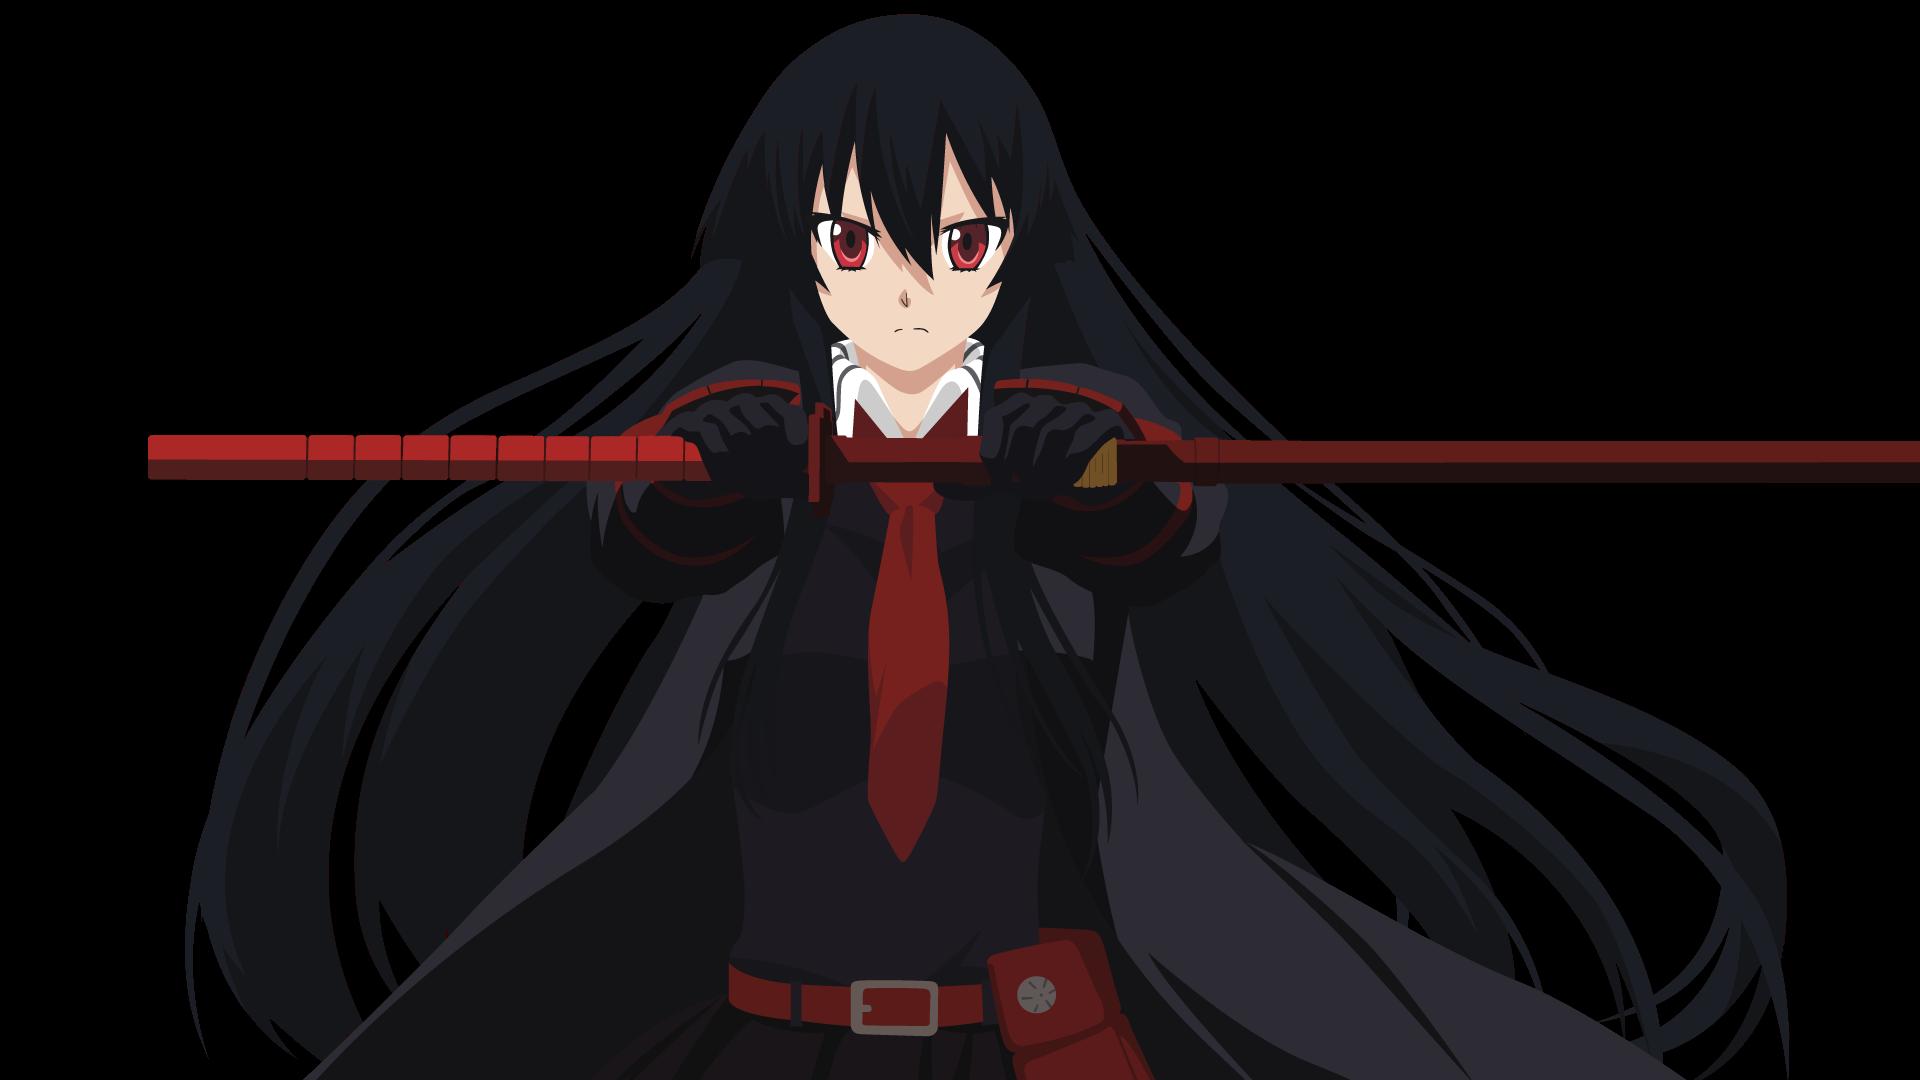 Fondos De Pantalla : Ilustración, Anime, Katana, Akame Ga